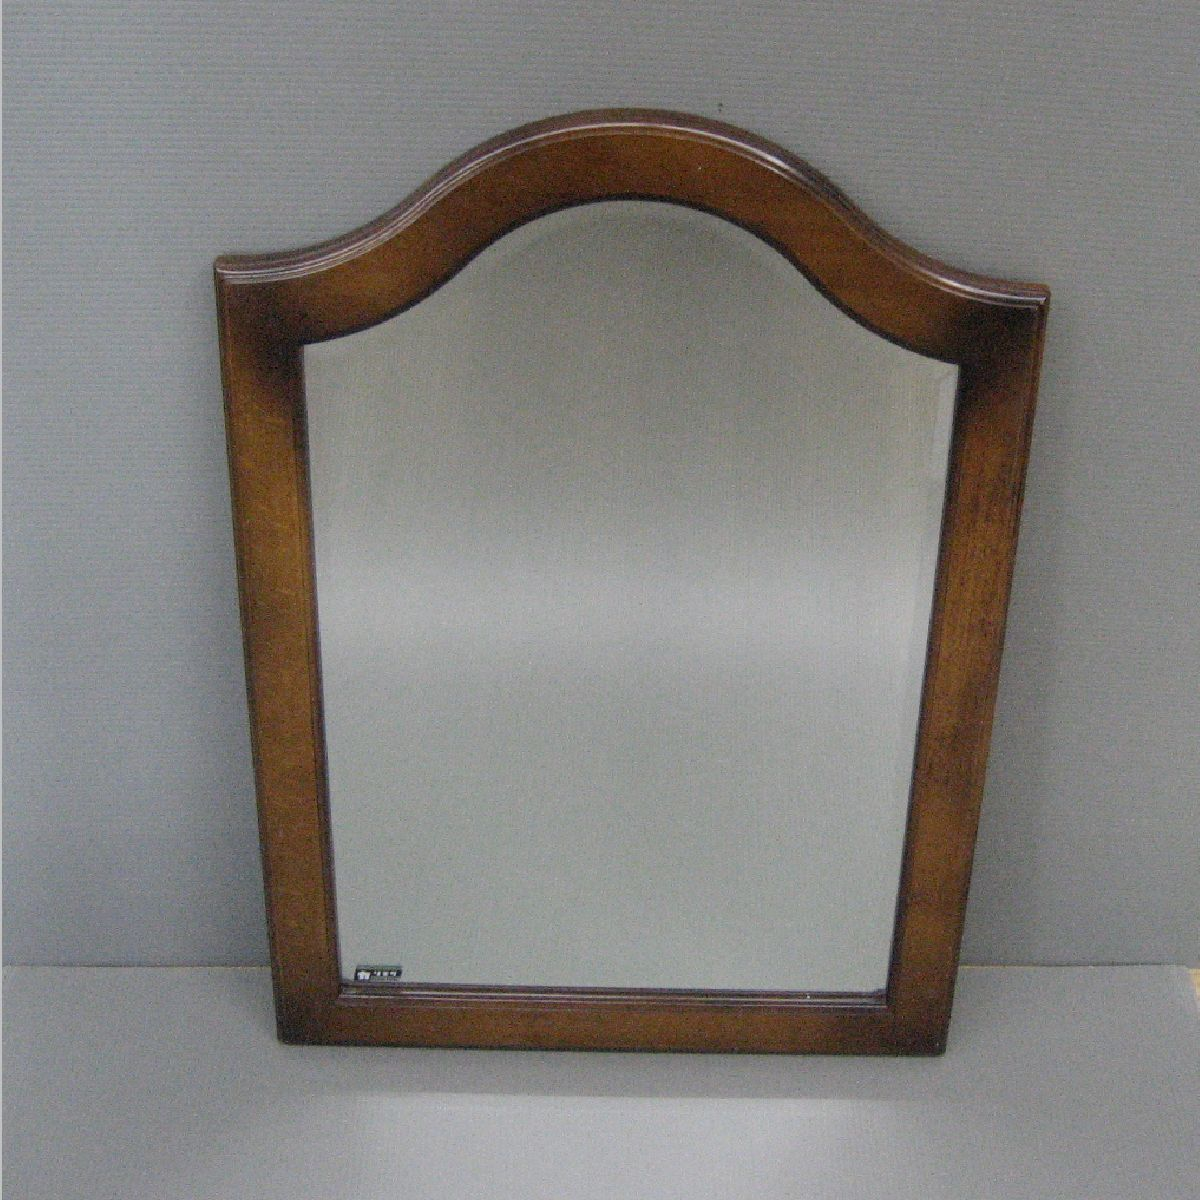 【茶々】カリモク壁掛けミラー ウォールミラー 木製_画像1